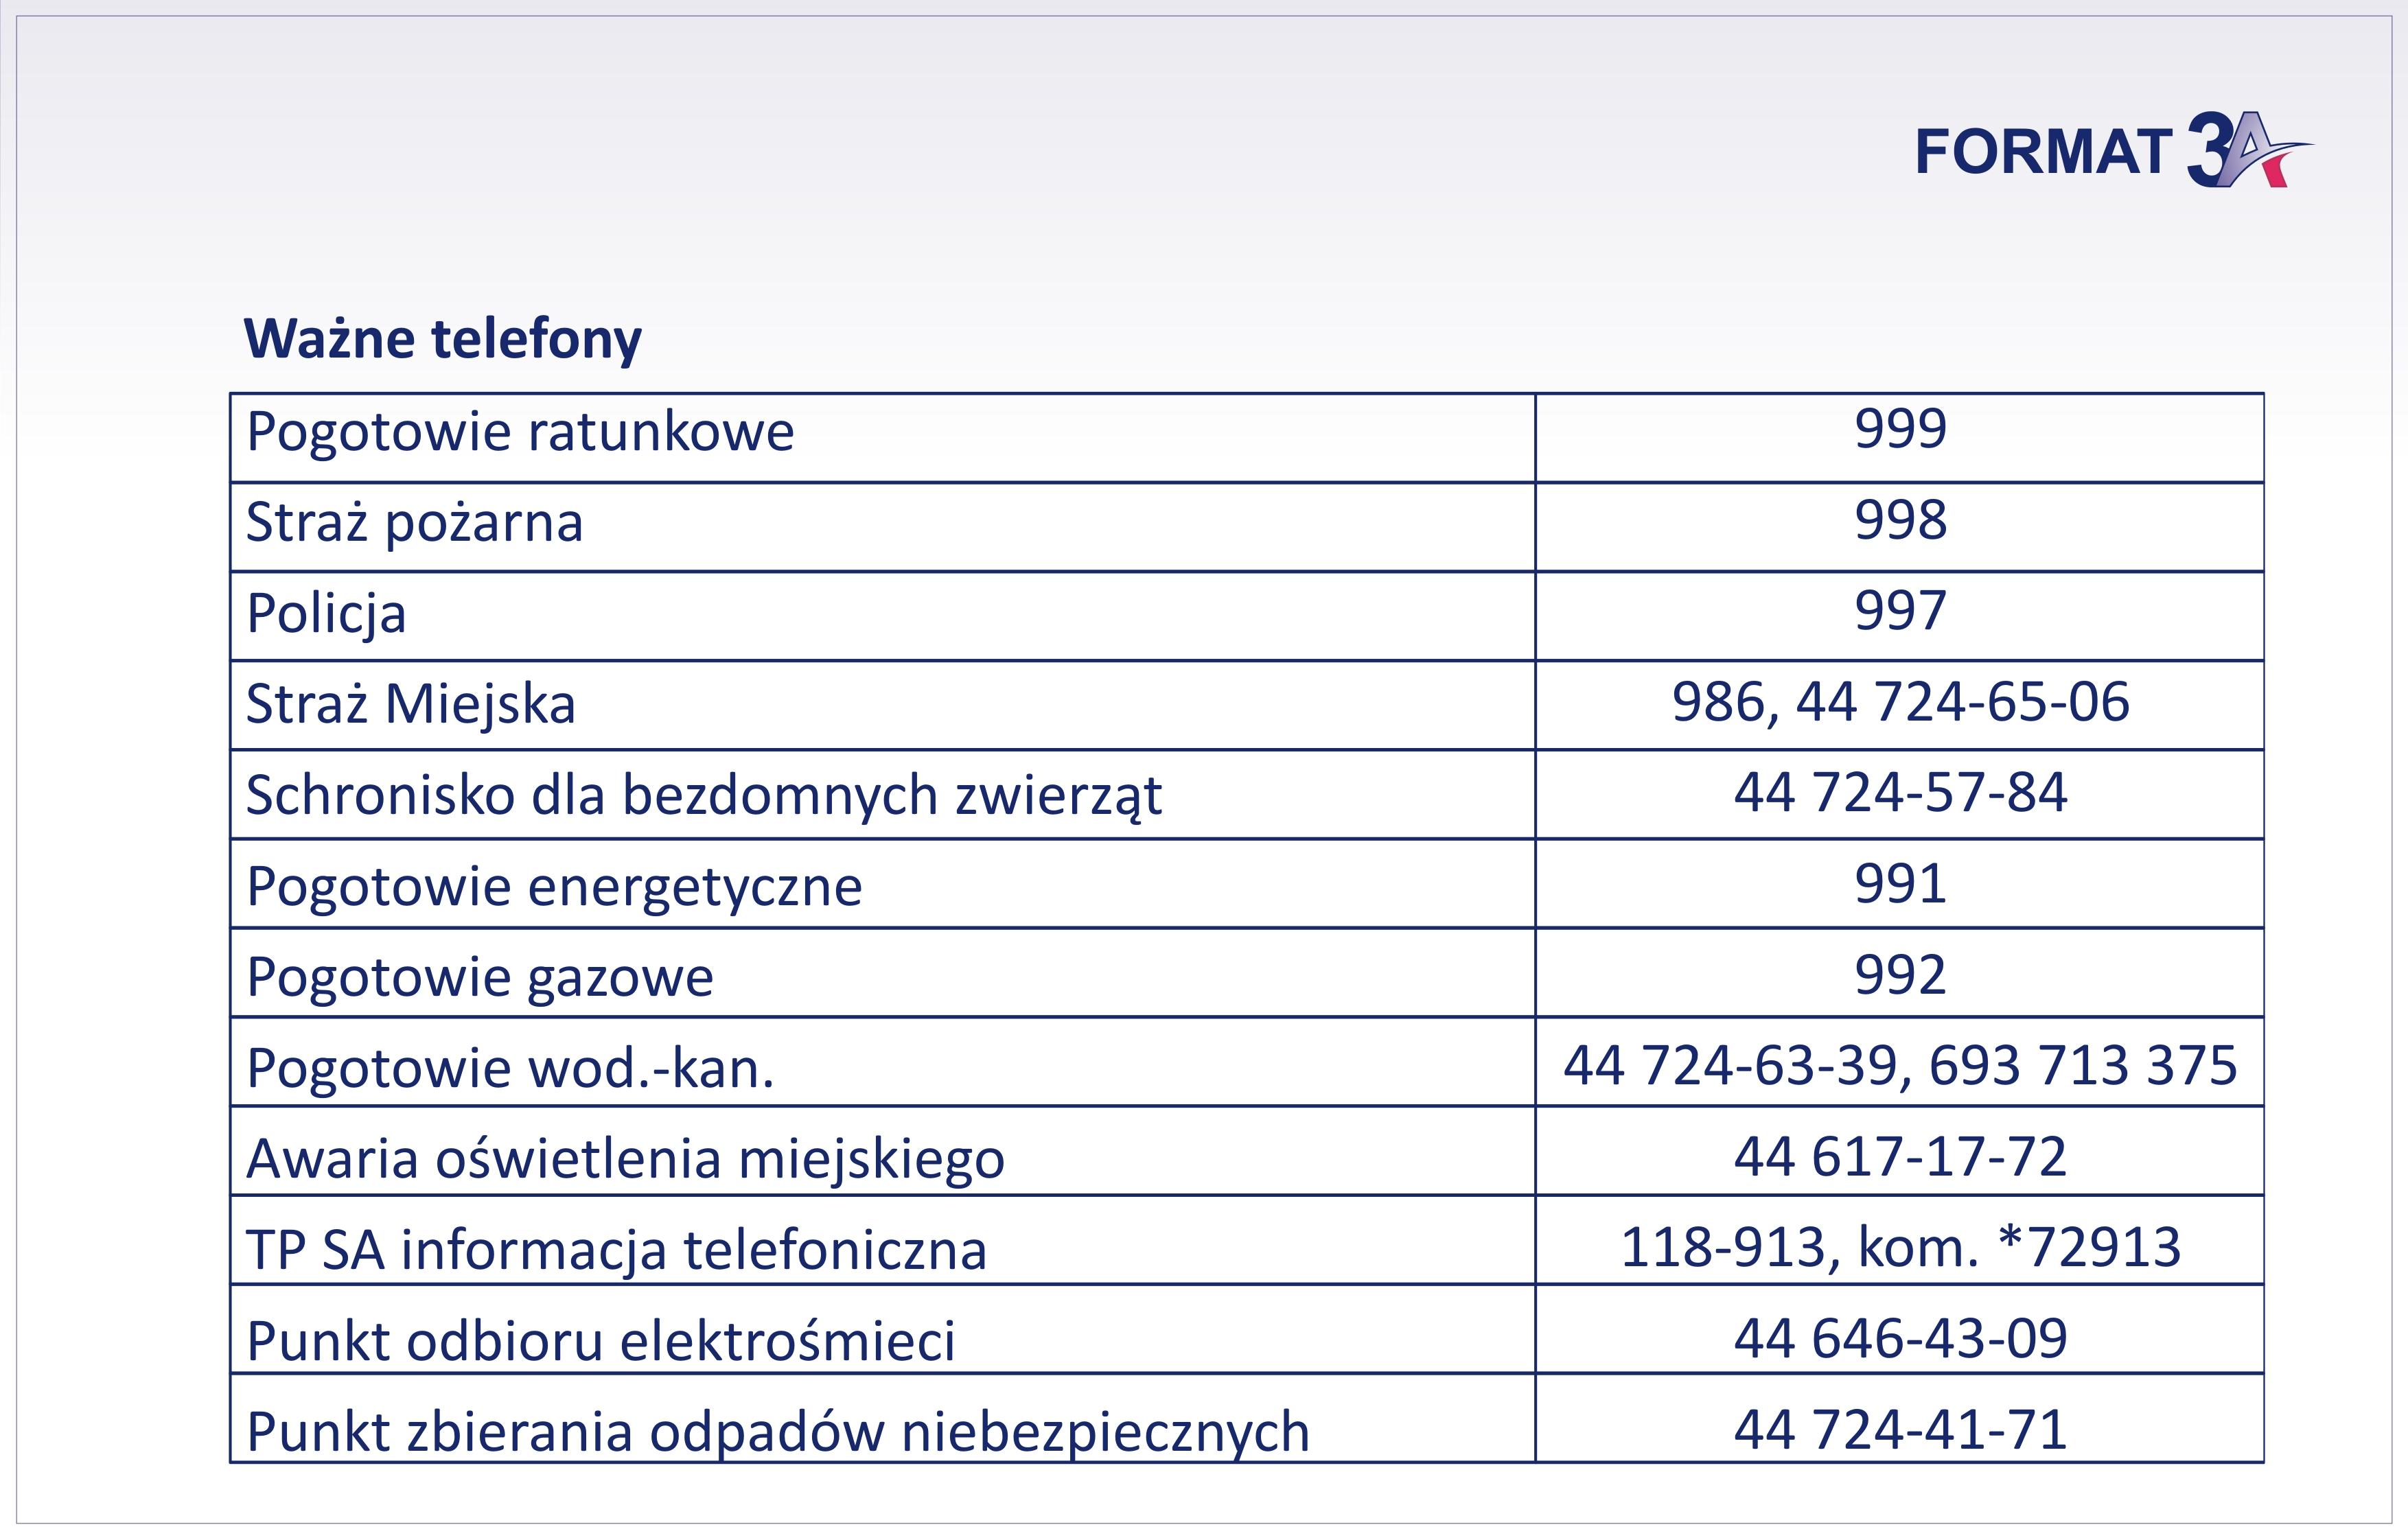 2016_Format_ważne telefony